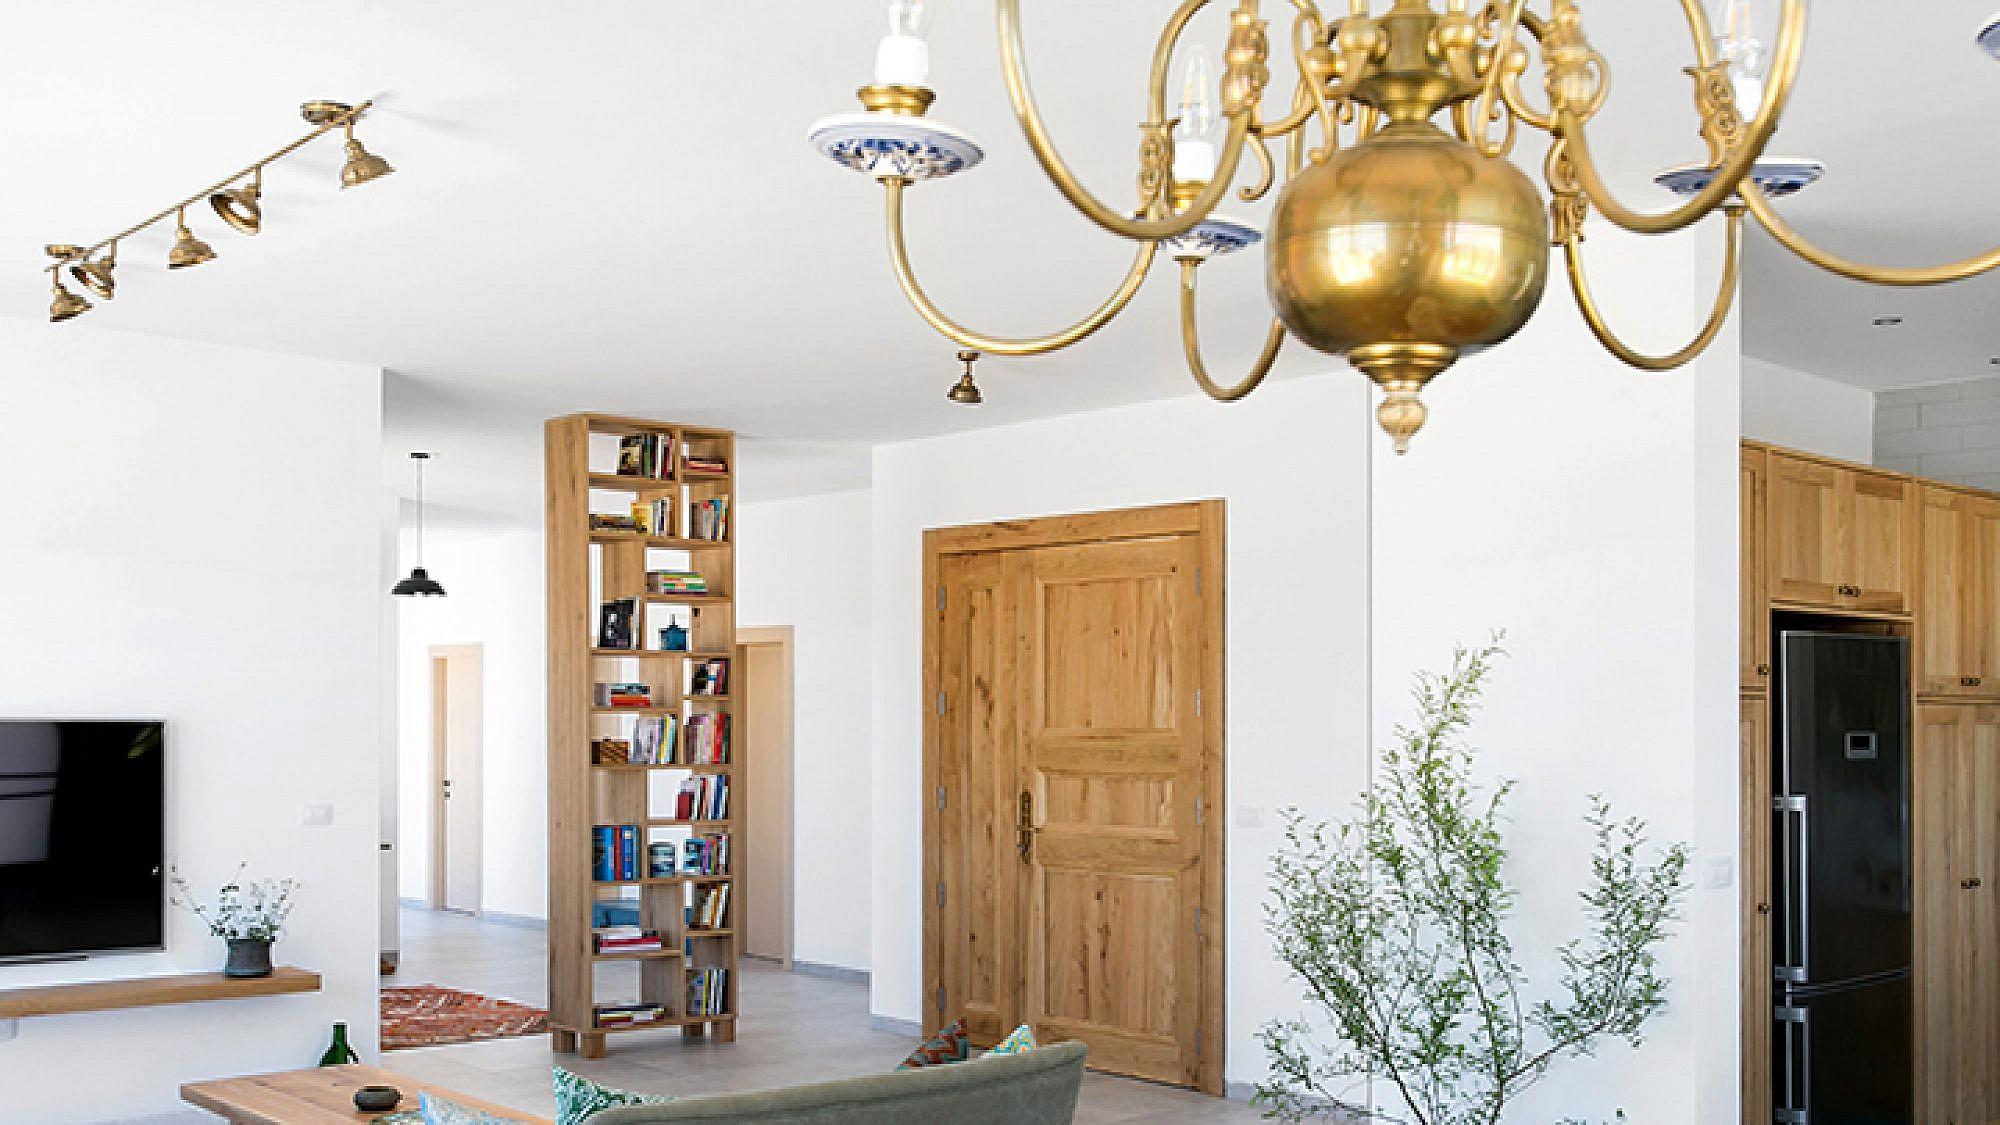 אדריכלות: אורית כהן | עיצוב פנים והום סטיילינג: דבורי פריד טובול | צילום: שירן כרמל